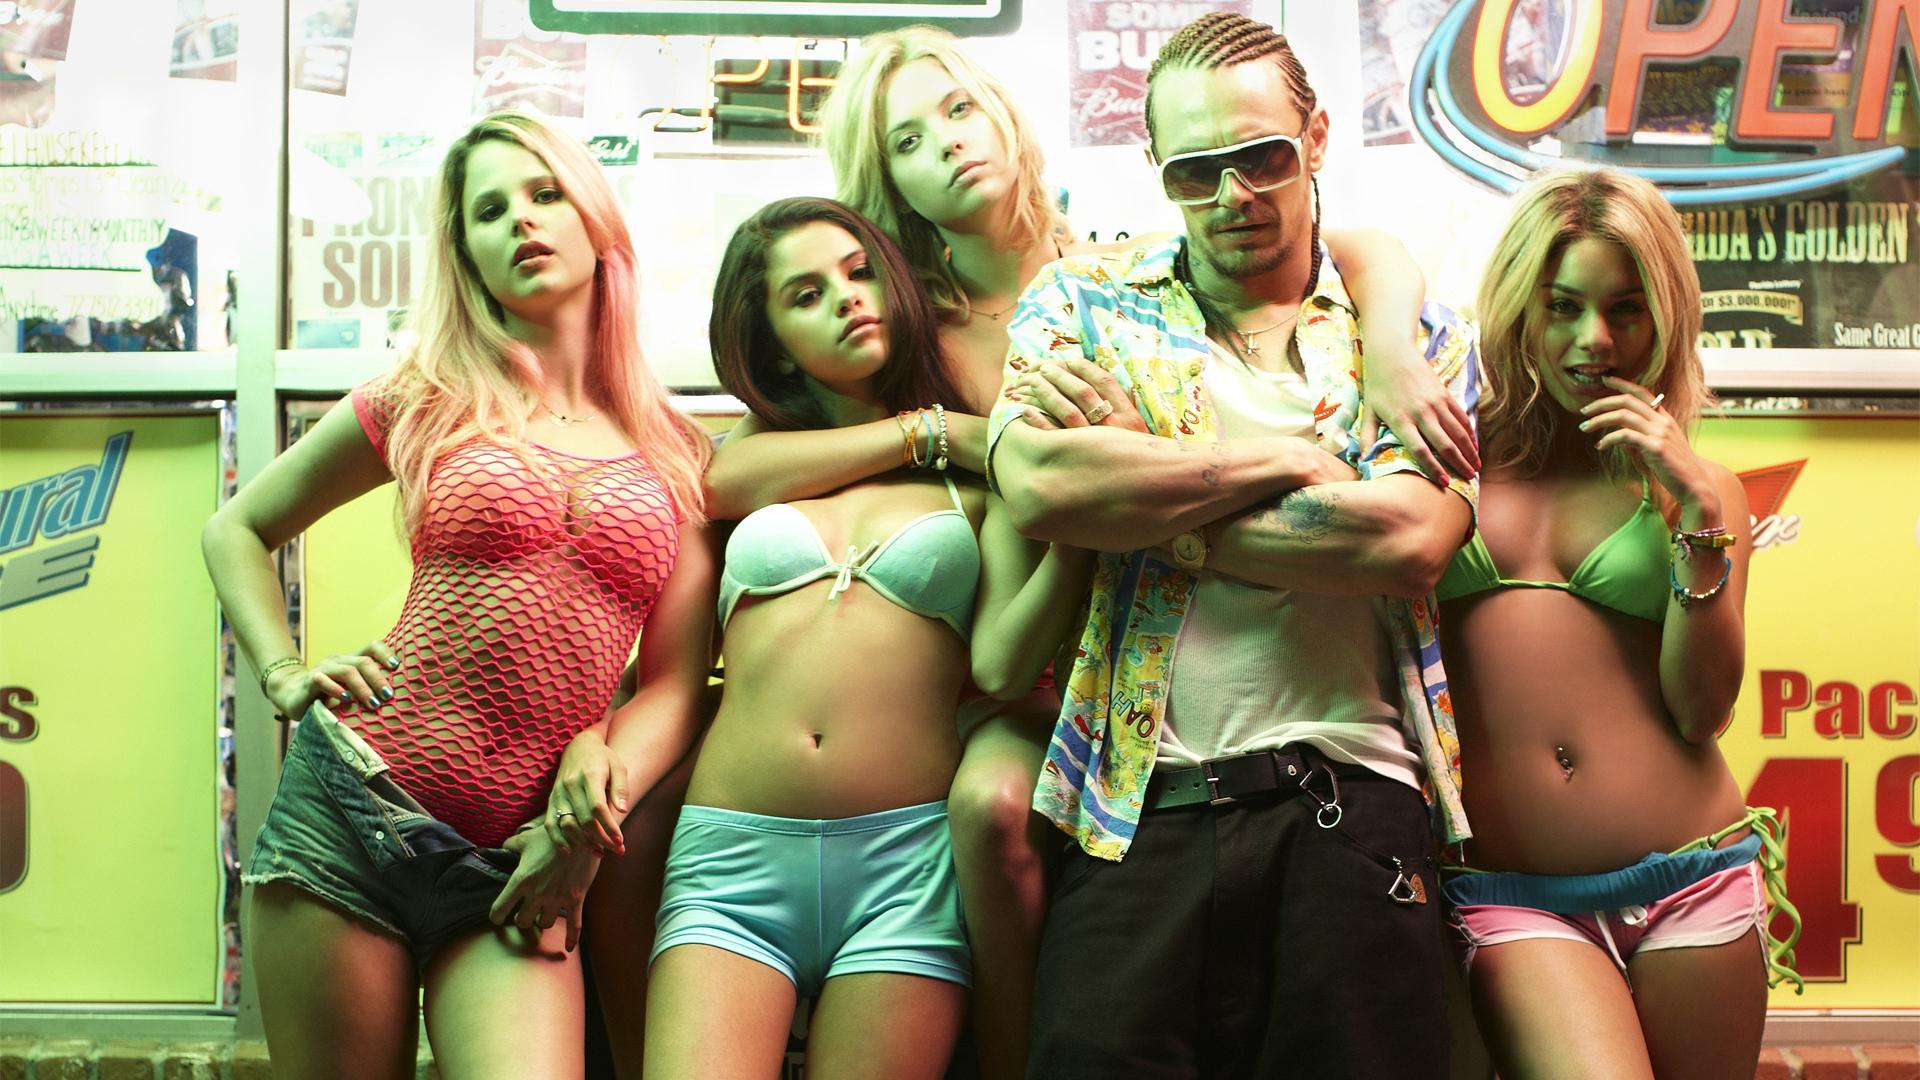 Эротическое кино 2005 2010 весенний праздник бикини